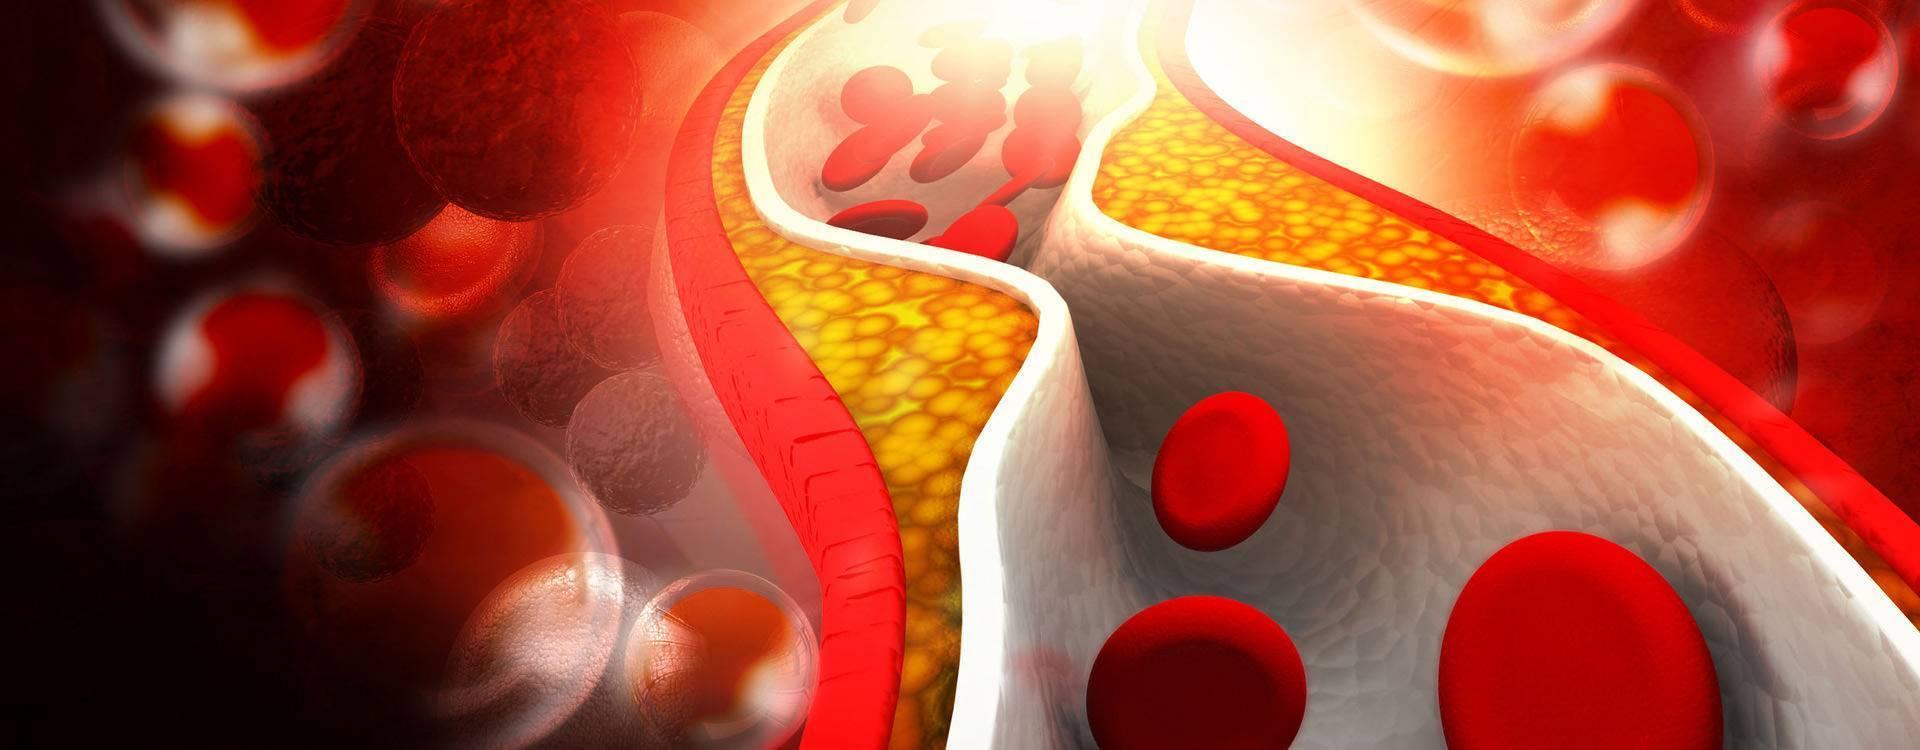 Почему при сахарном диабете повышен холестерин — диабет и всё о нём